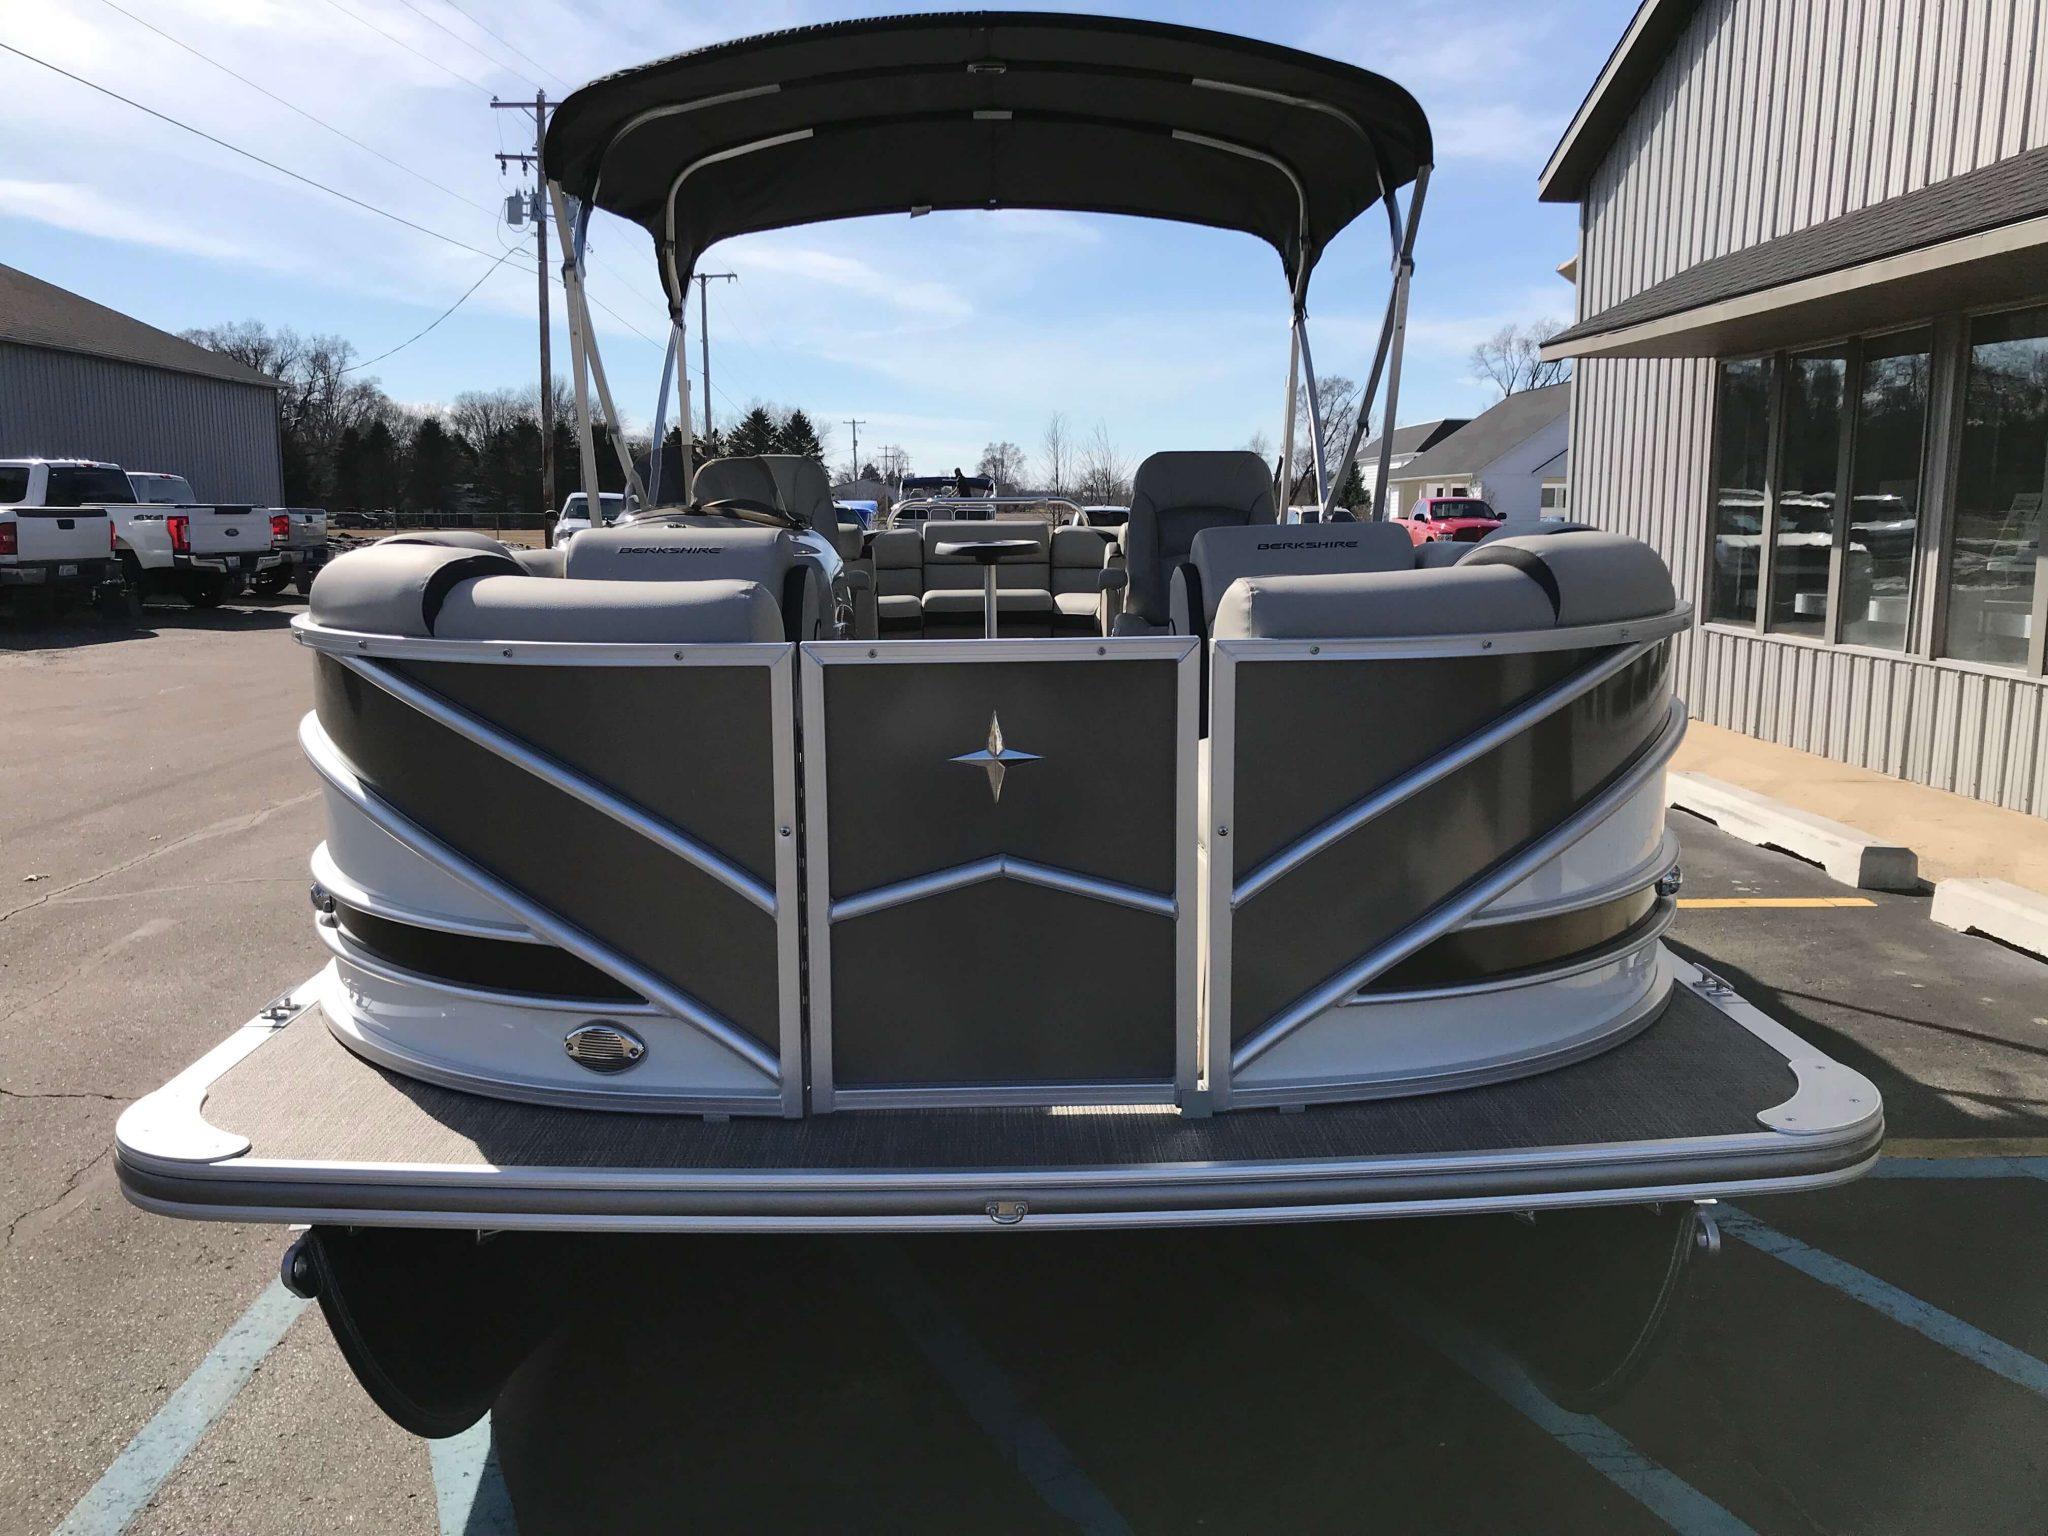 2019 Berkshire 23RFX STS Bimini Top 2